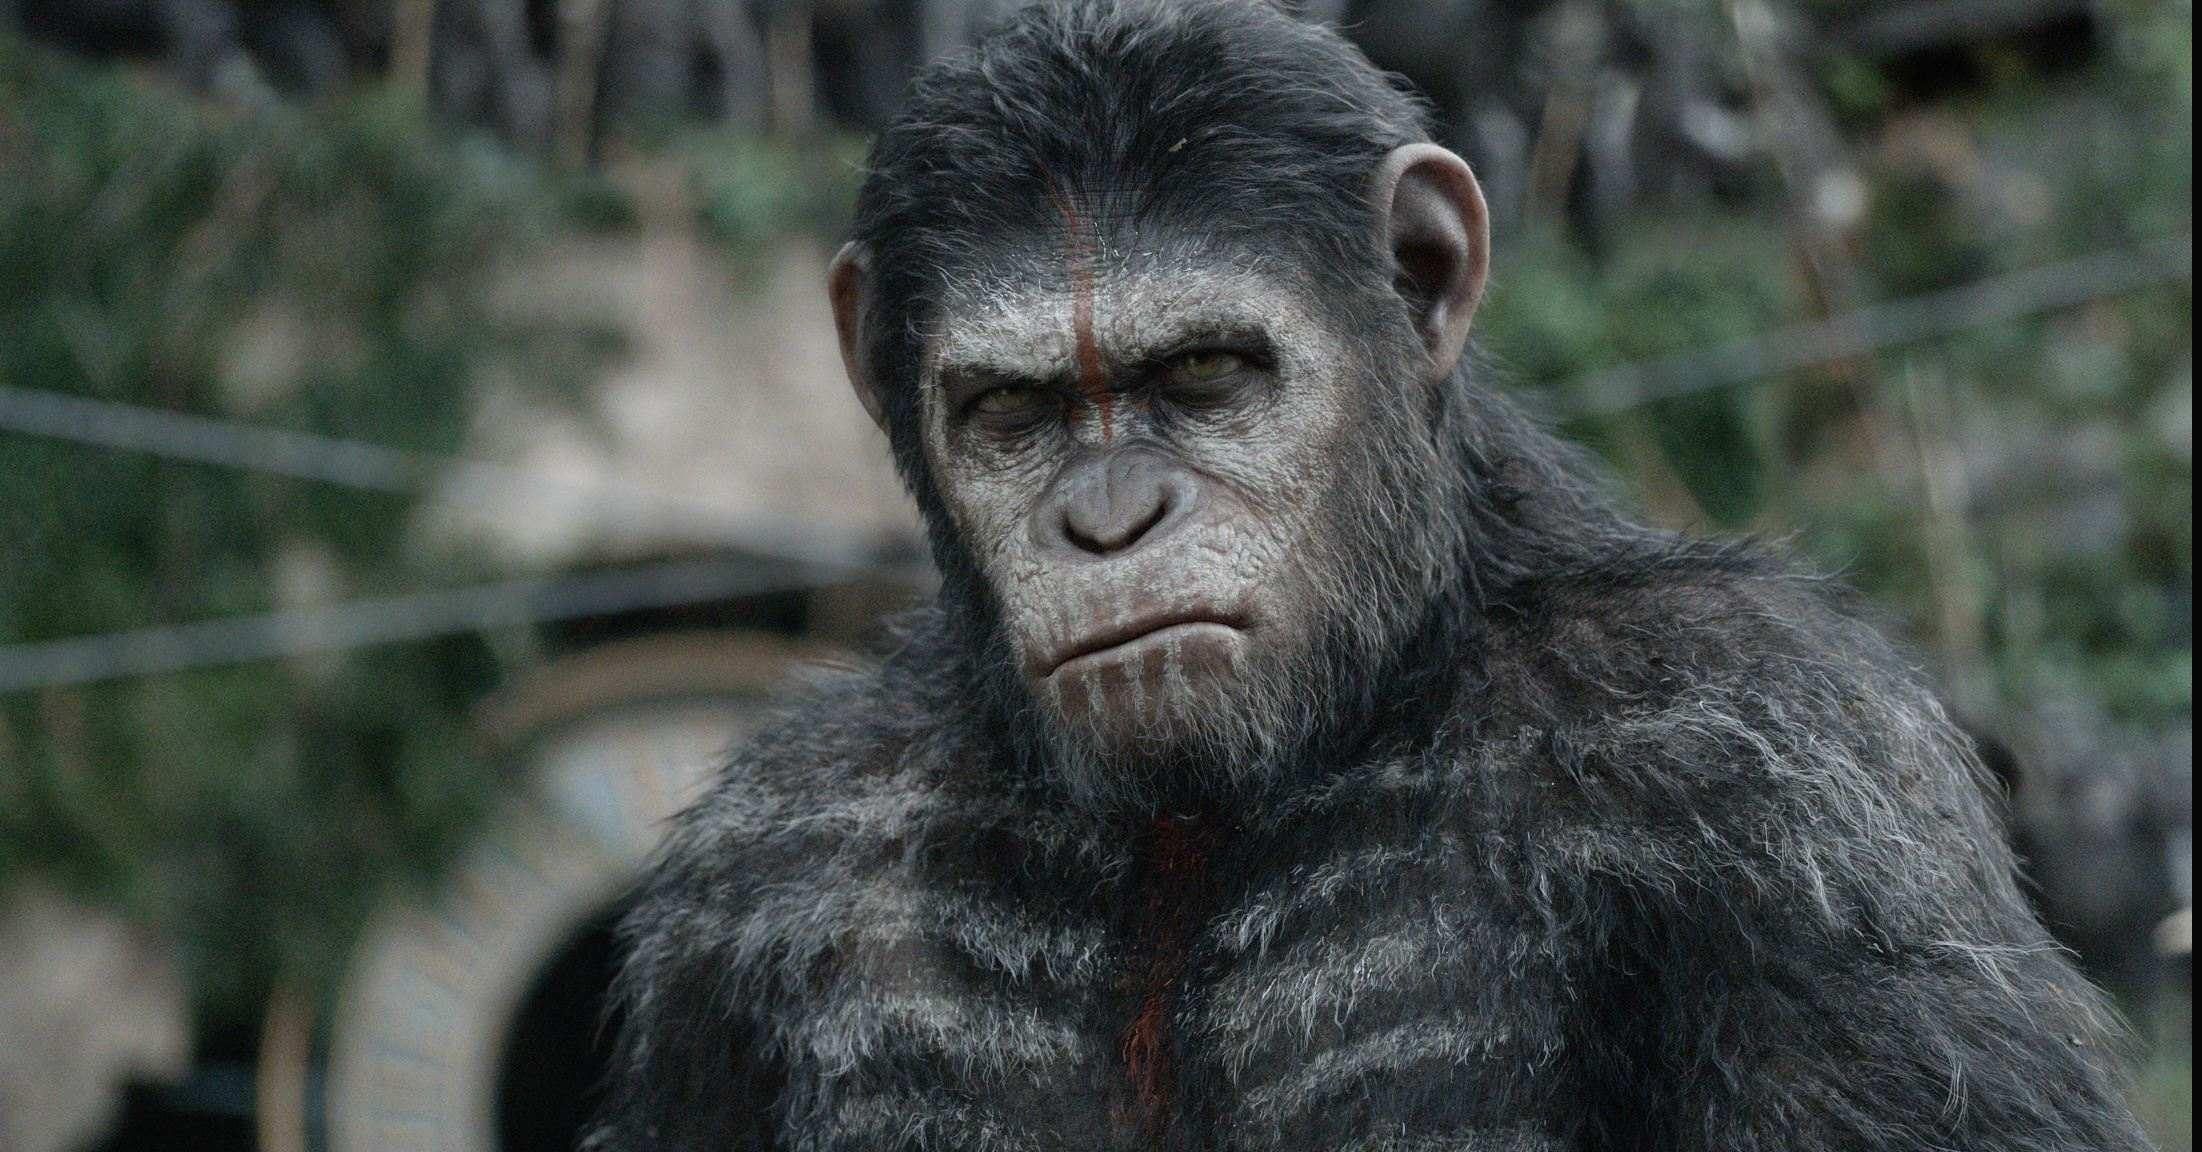 ▲《猩球崛起:黎明的進擊》中的猩猩領袖凱撒。(圖/福斯提供)